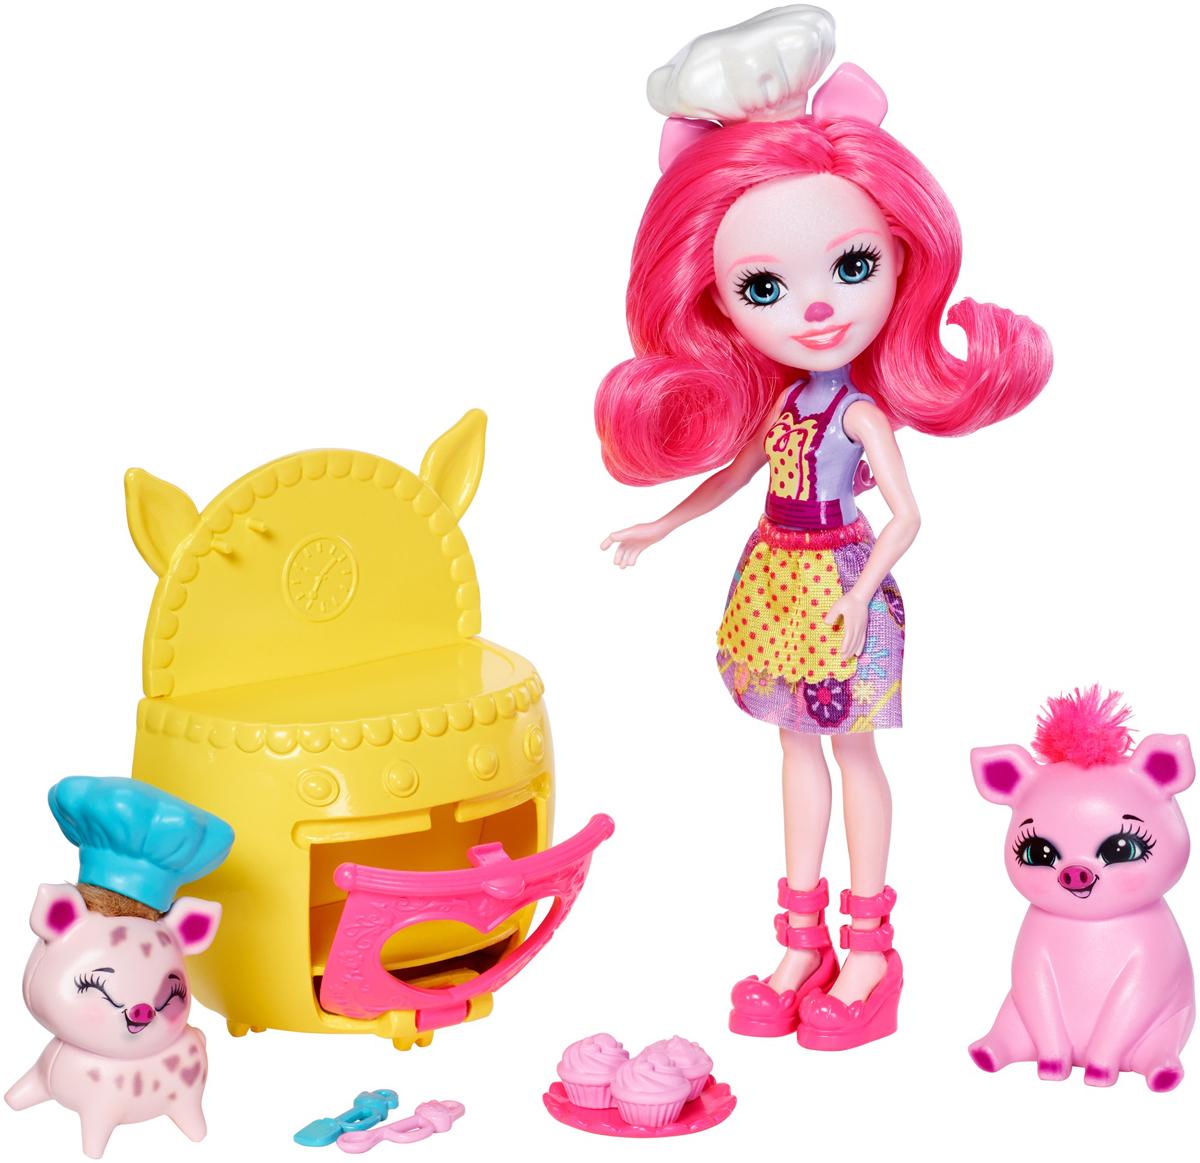 Enchantimals Игровой набор с куклой Baking Buddies enchantimals игровой набор с куклой дополнительная кукла со зверюшкой fnh22 fjj21